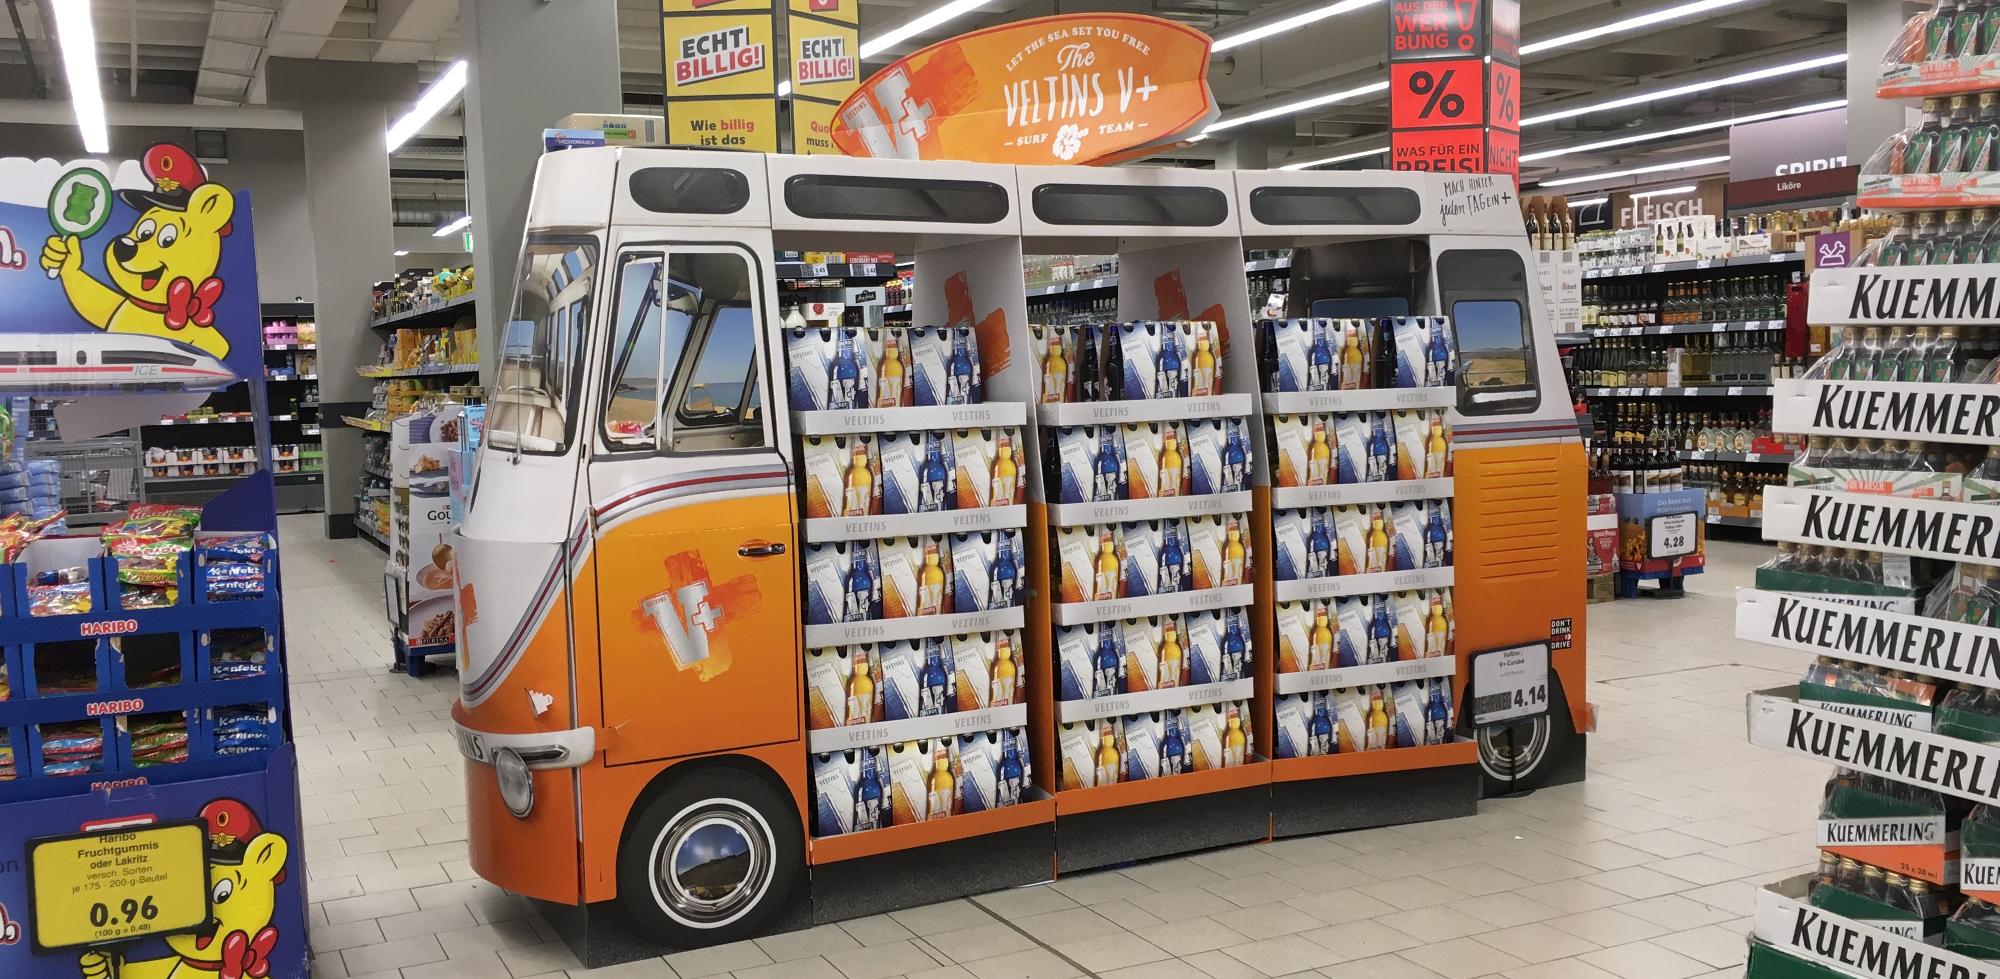 In-Store Promotion von Veltins: Die Biermarke setzt im Sommer 2020 auf ein Display in Form eines Campers, um am Point of Sale (POS) aufzufallen.